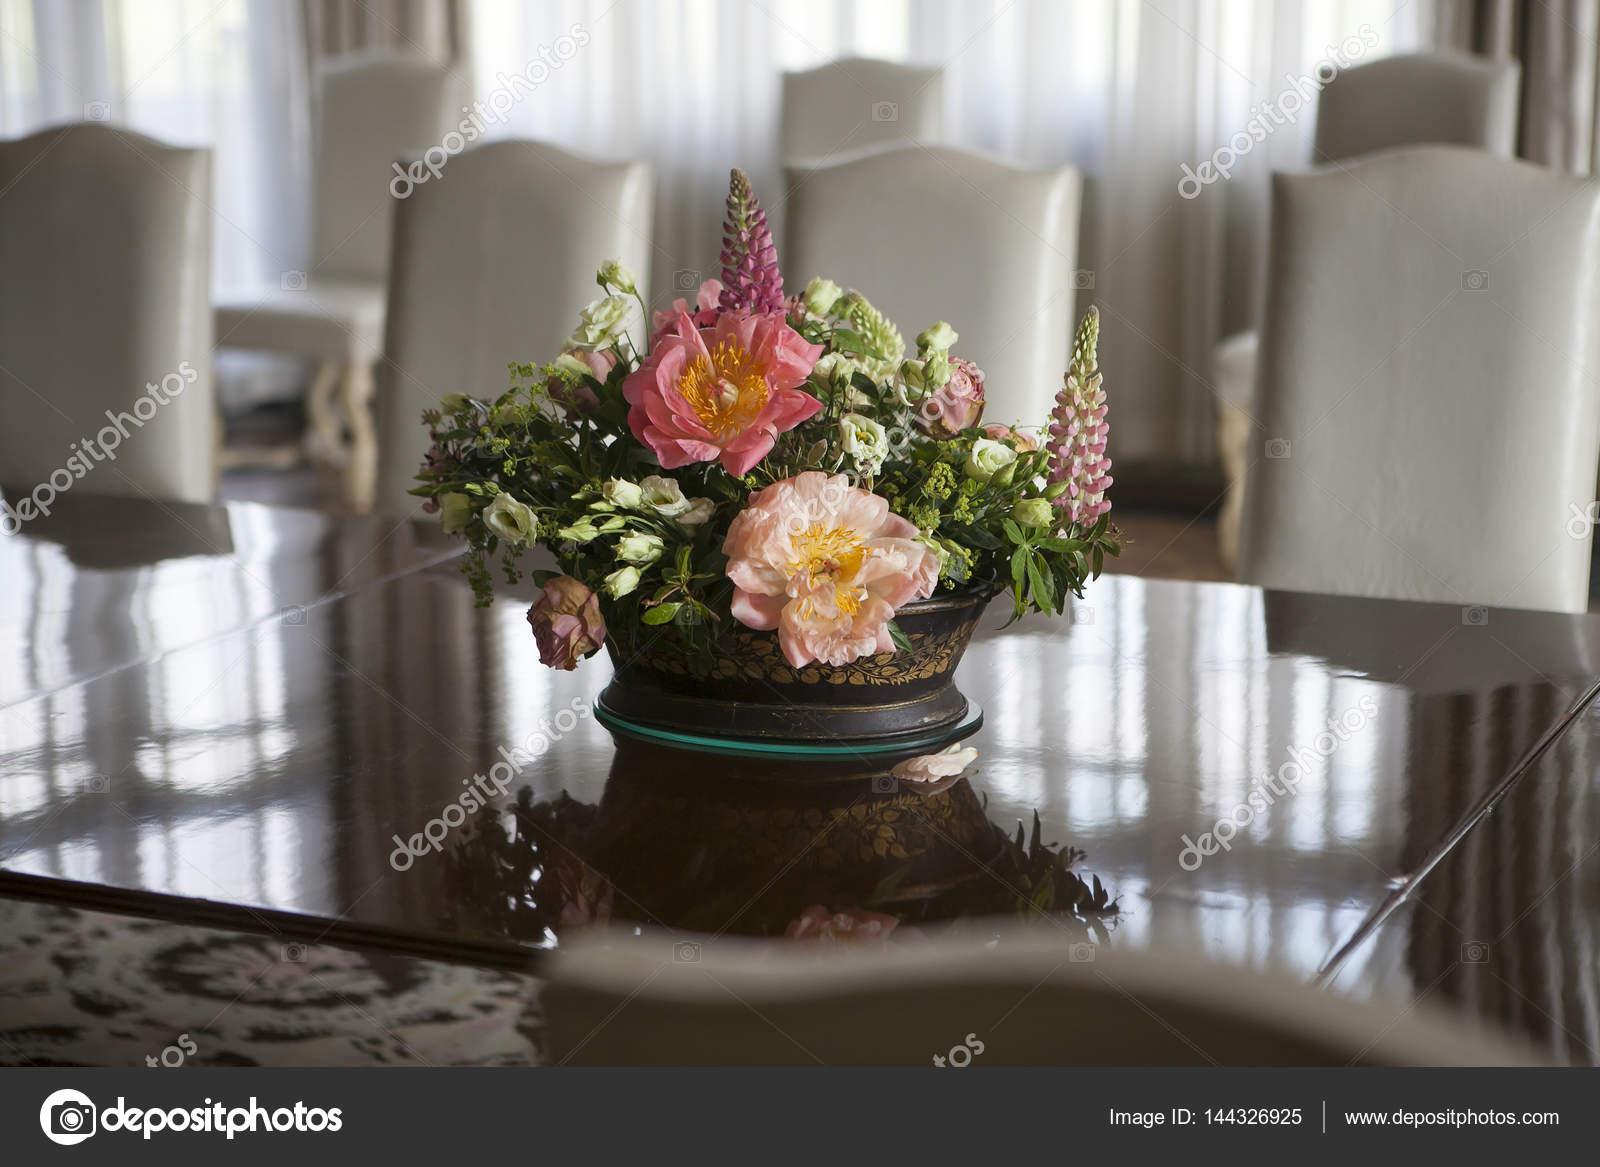 https://st3.depositphotos.com/3268323/14432/i/1600/depositphotos_144326925-stockafbeelding-het-delicate-boeket-van-lelies.jpg